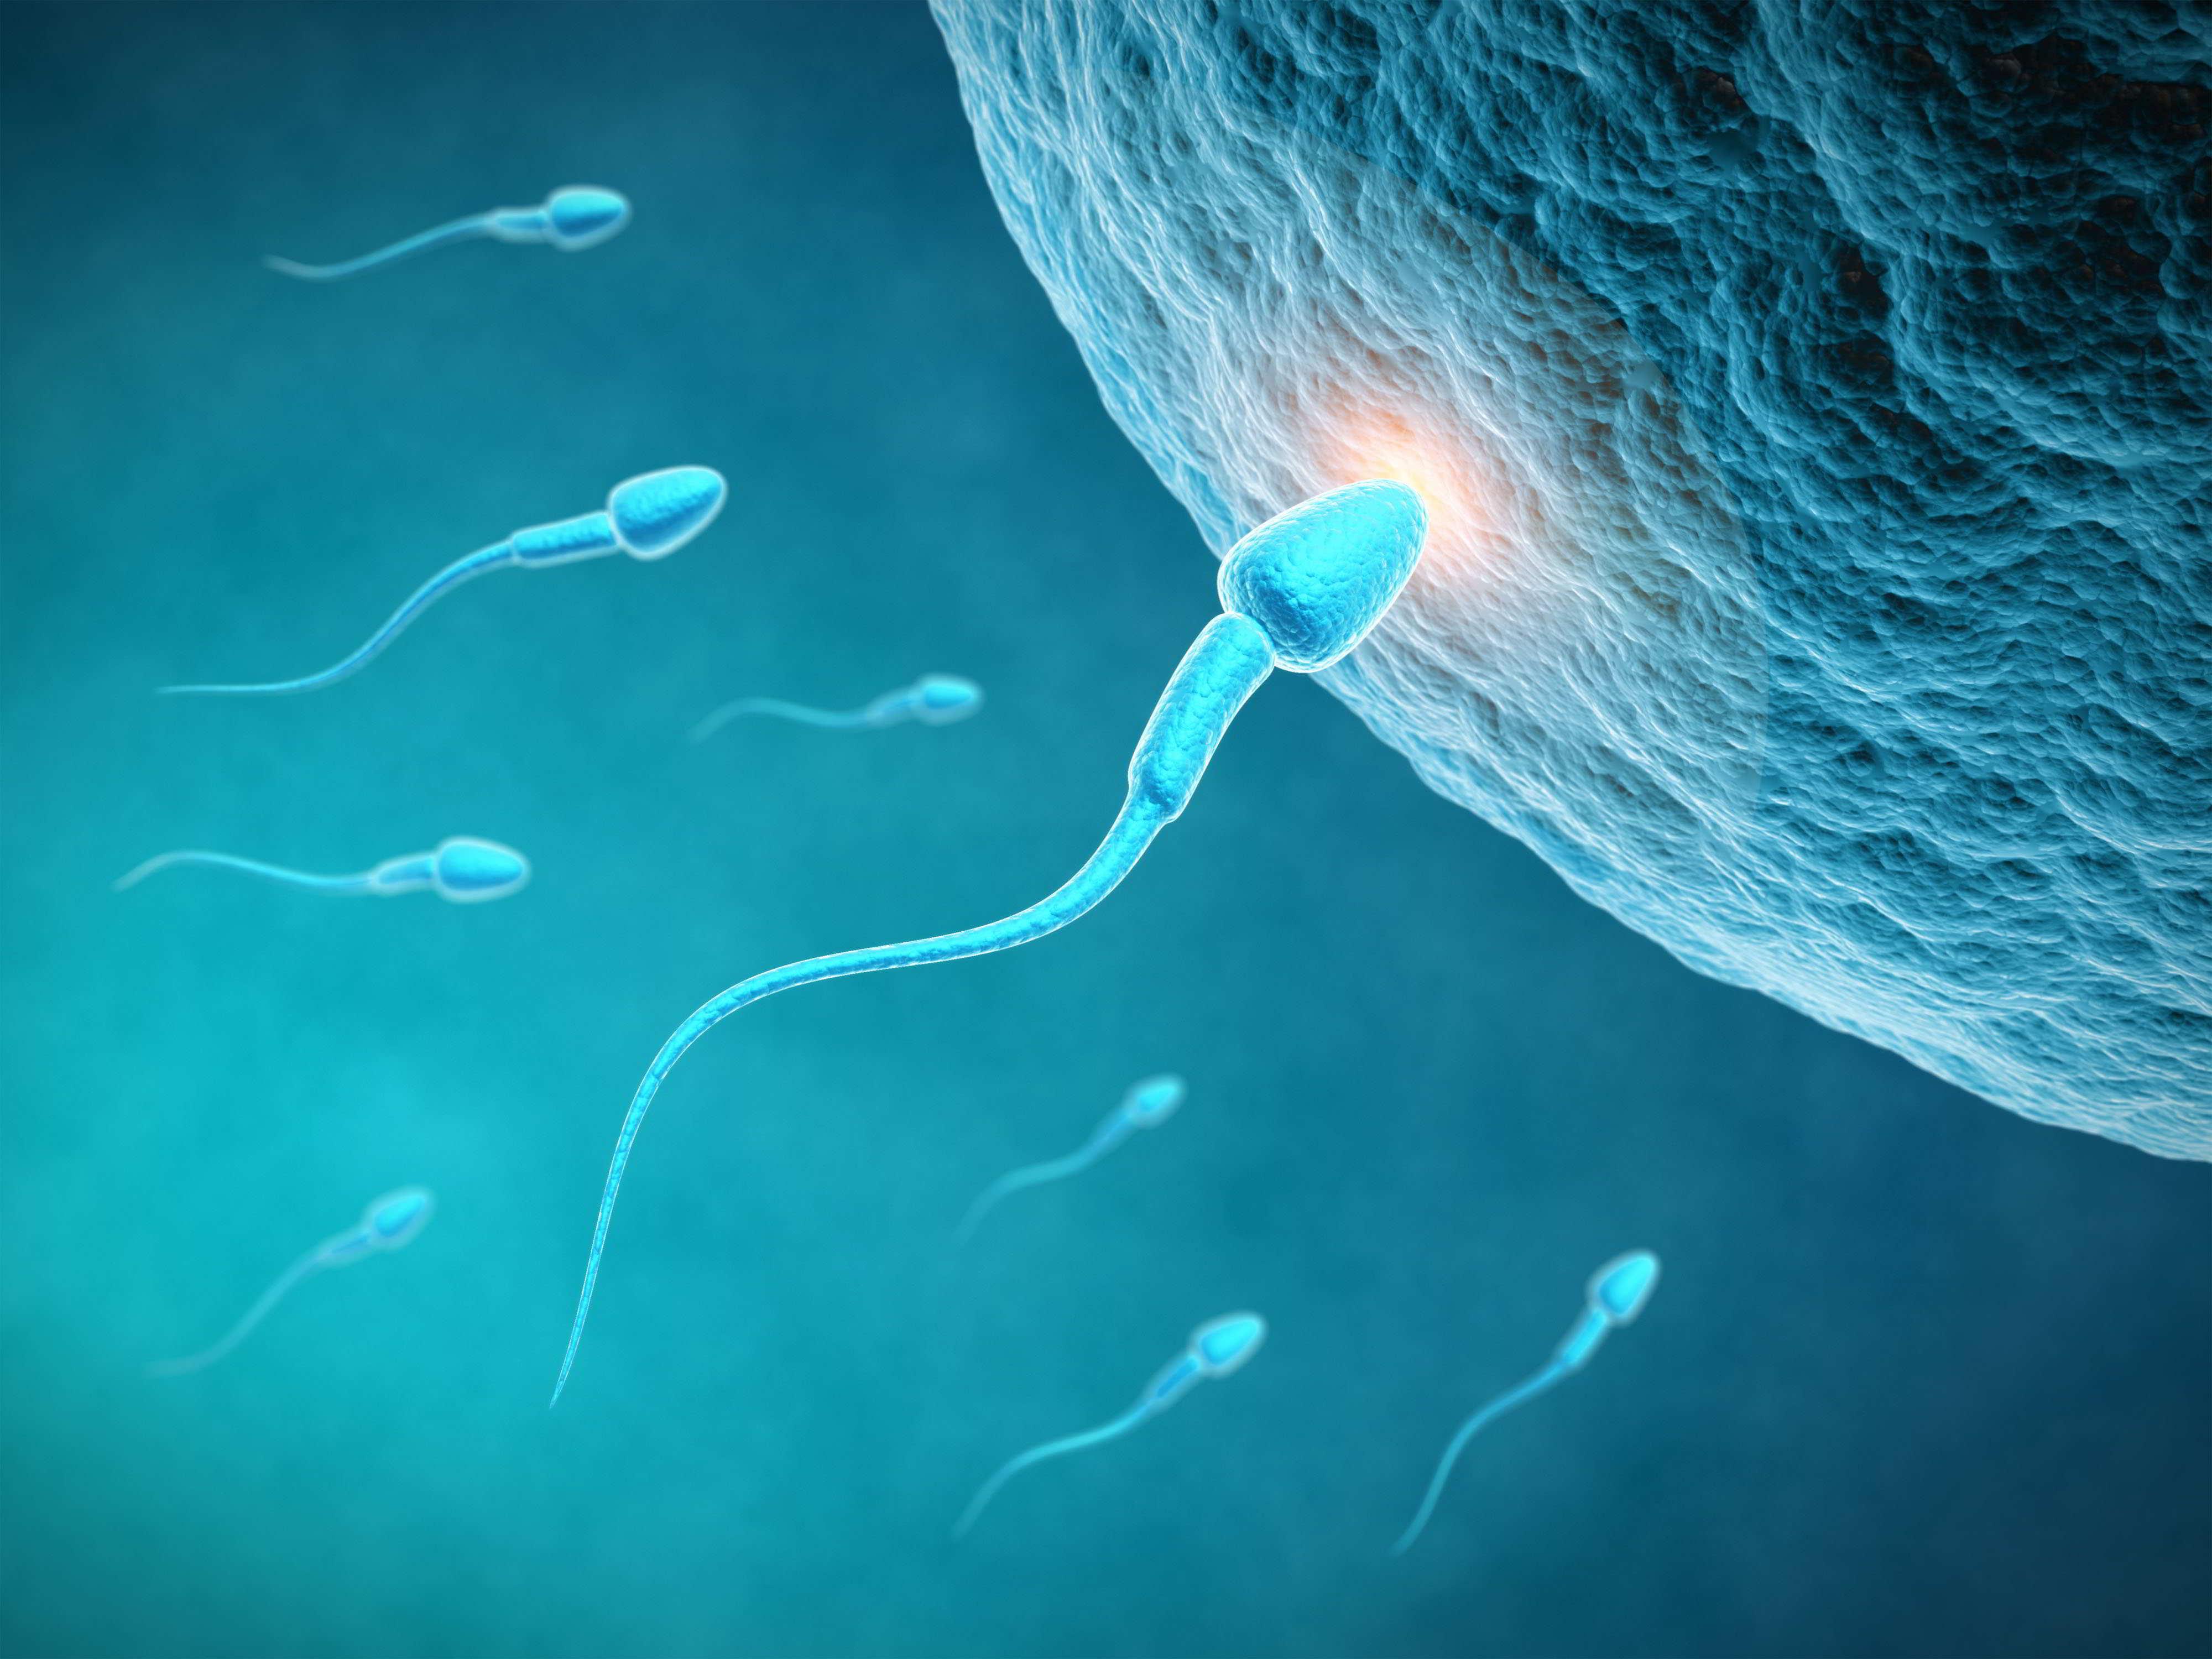 esquema mostrando espermatozóides atingindo um óvulo